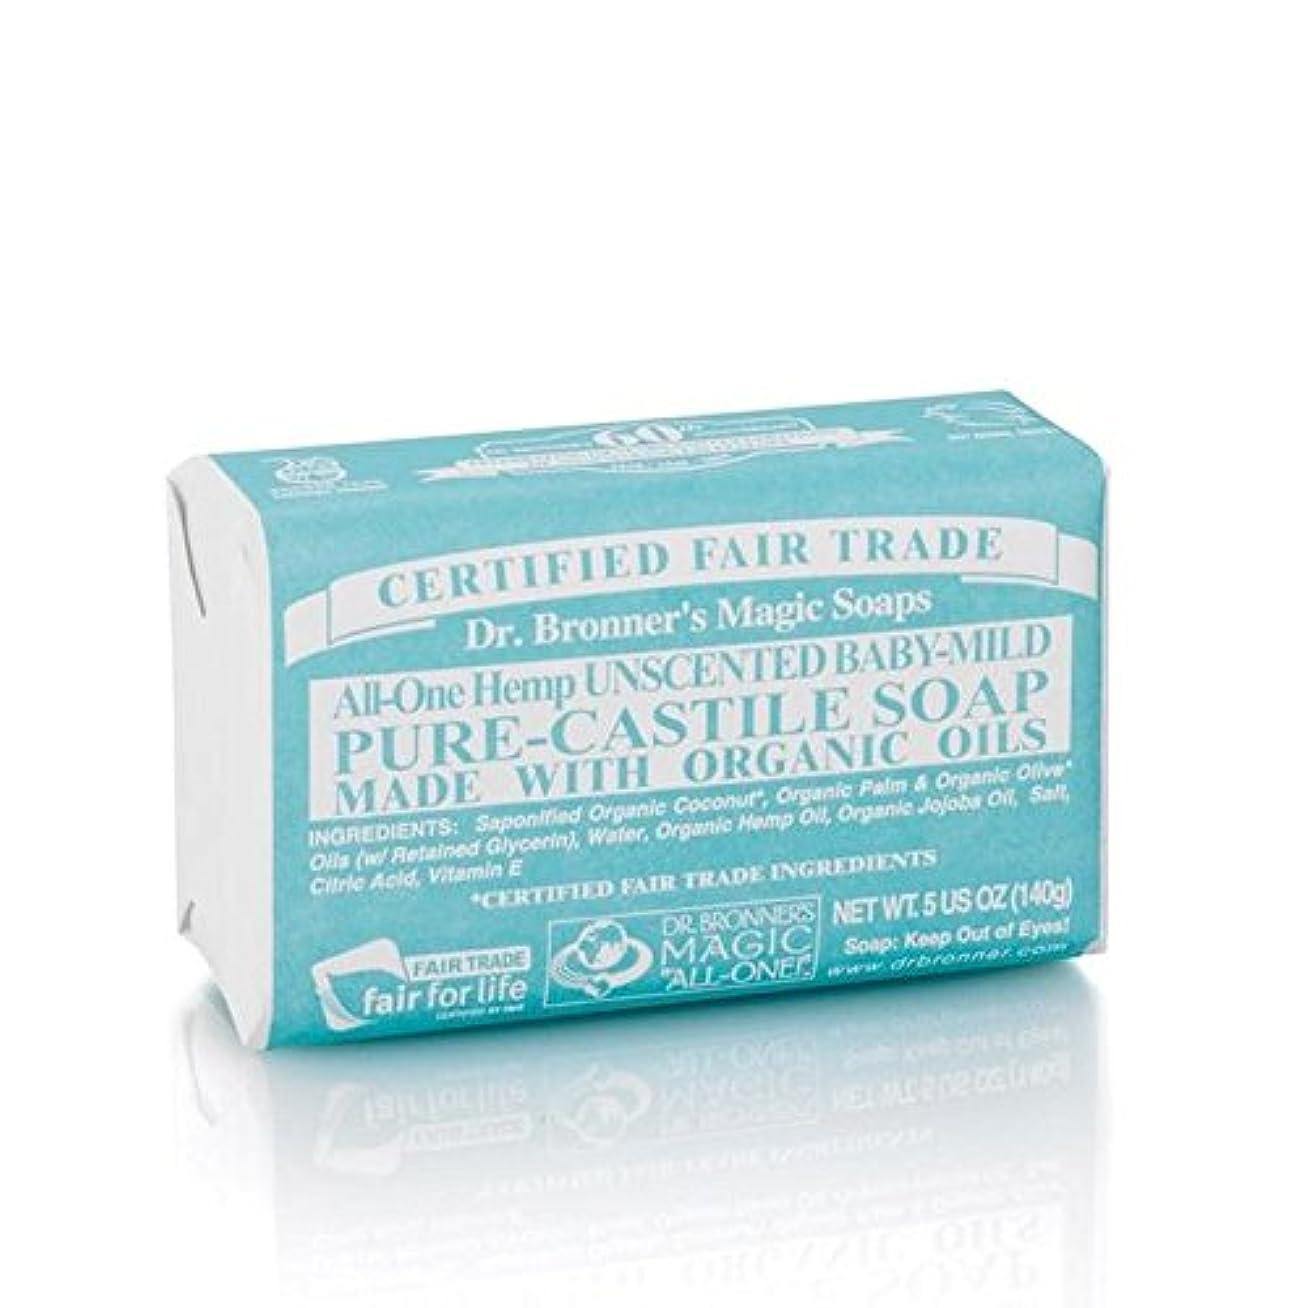 のブロナーオーガニックベビーマイルドソープバー140グラム x4 - Dr Bronner Organic Baby Mild Soap Bar 140g (Pack of 4) [並行輸入品]